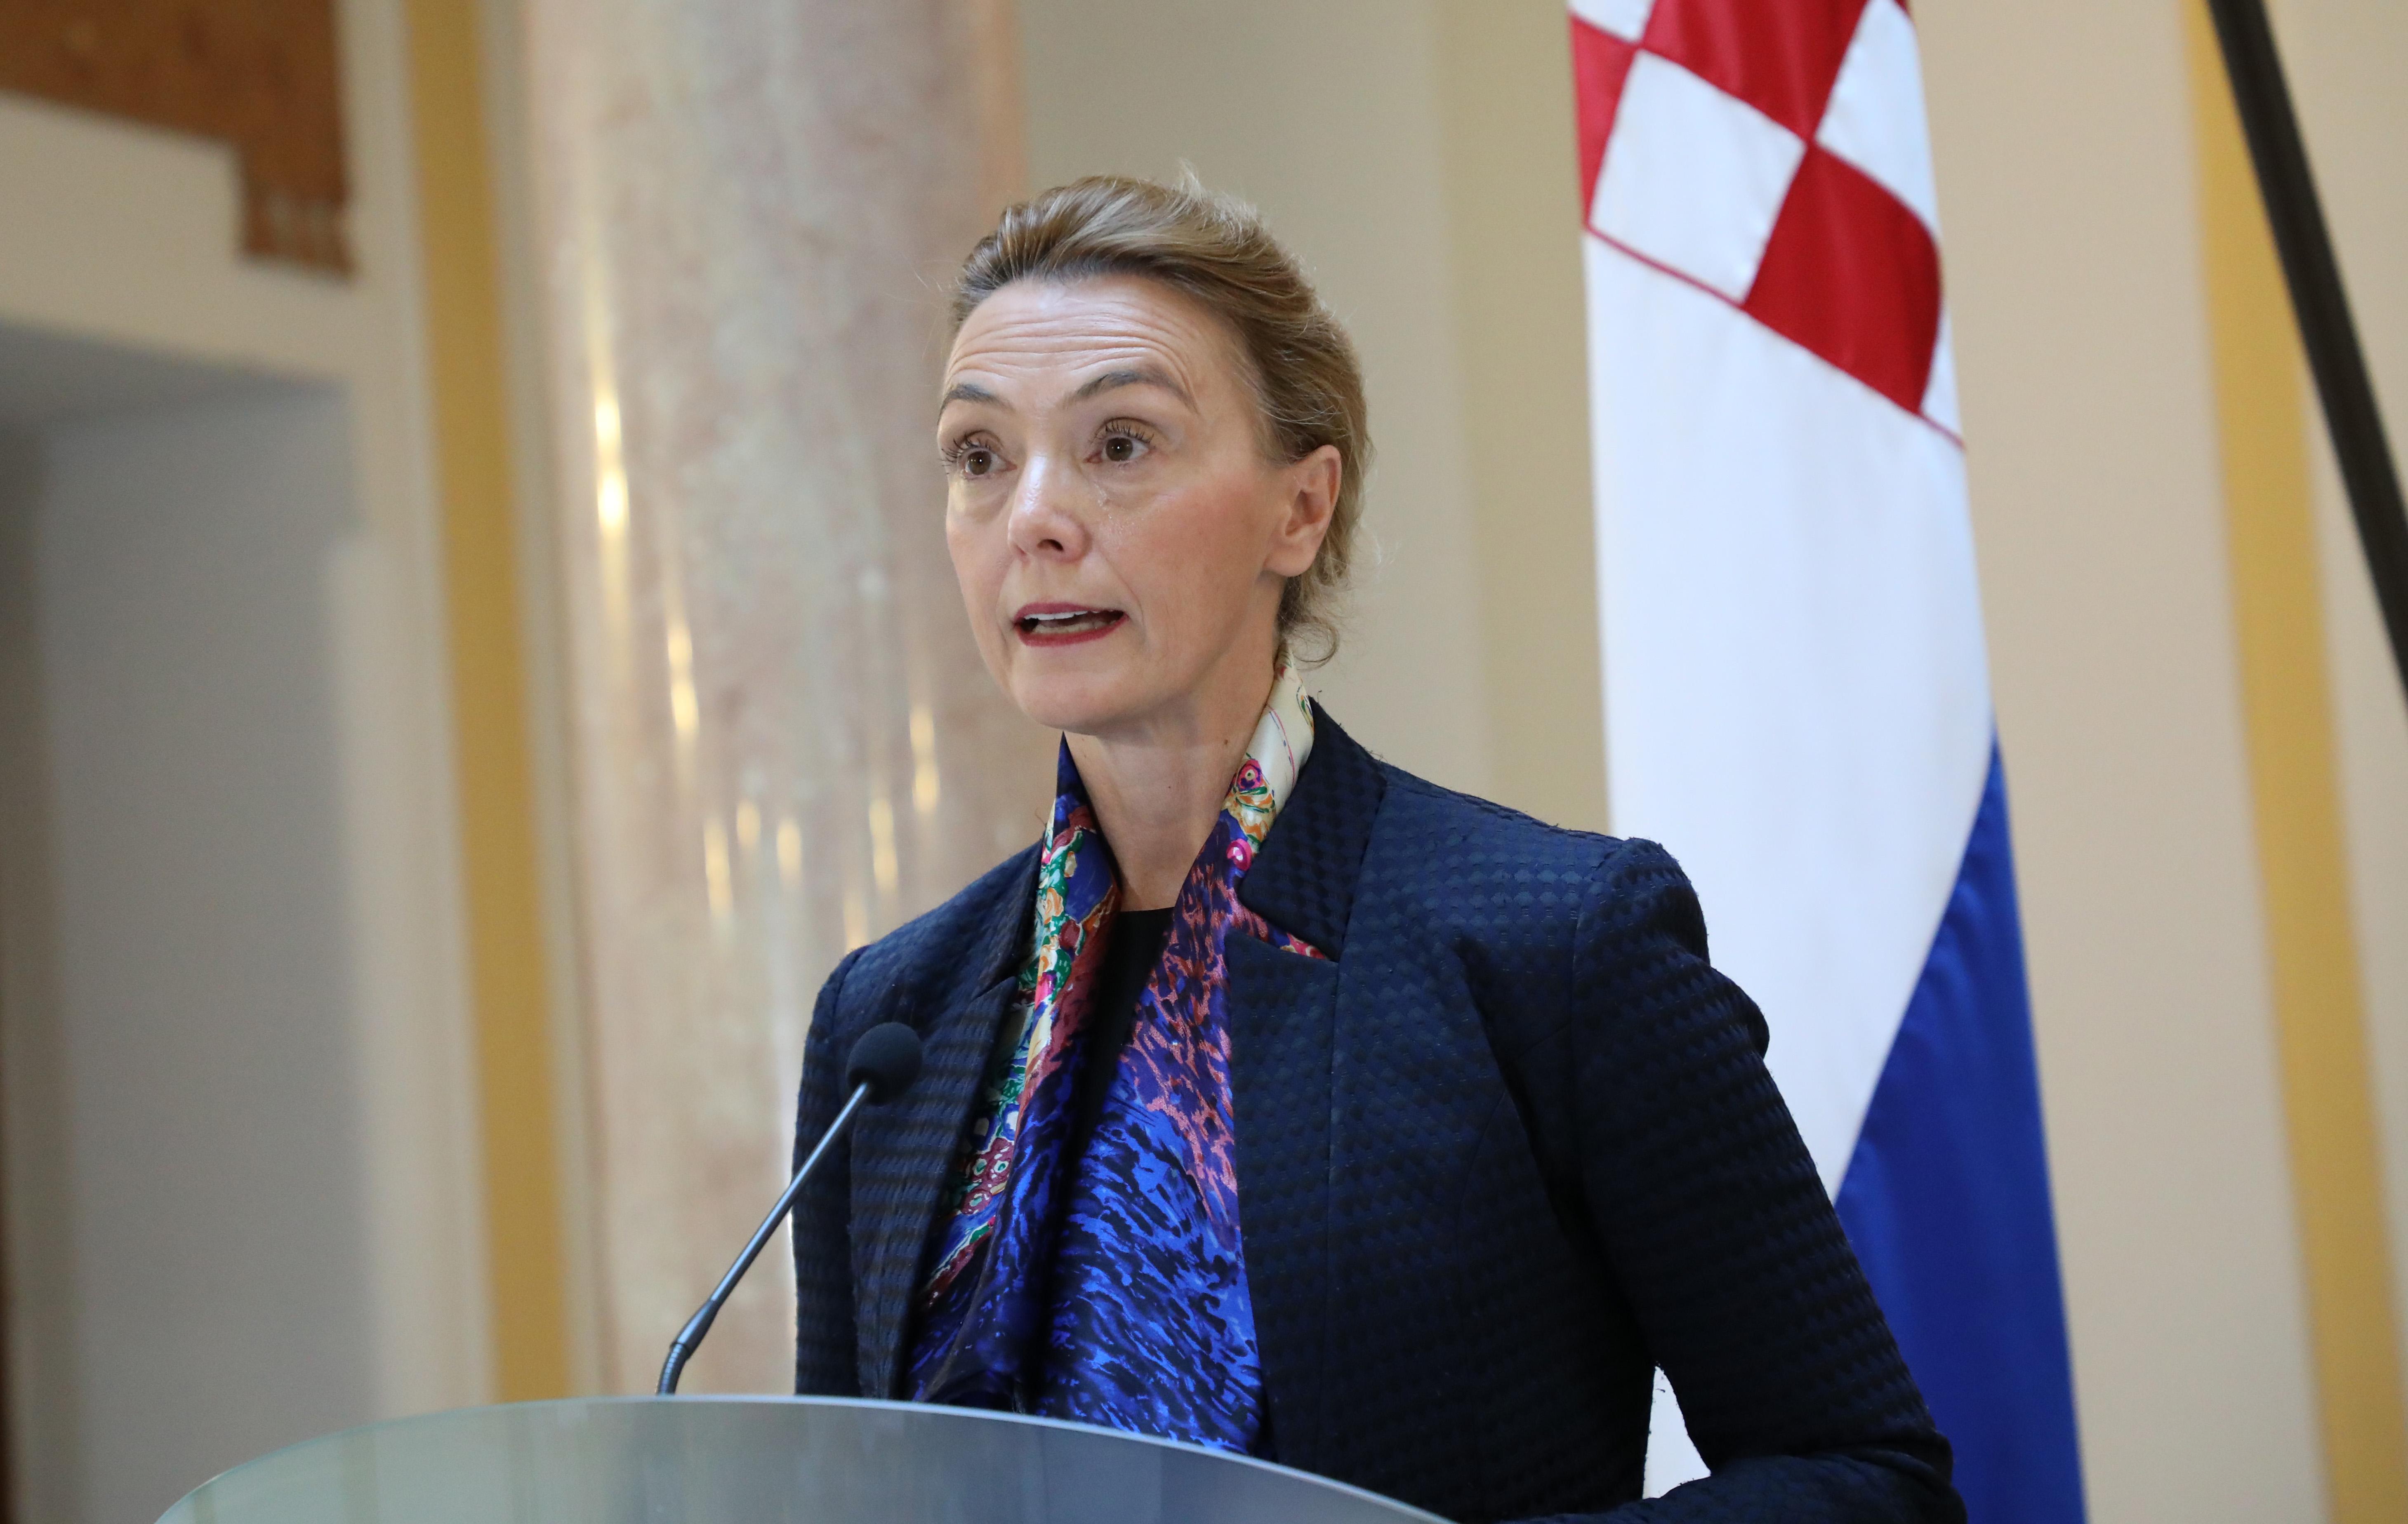 PEJČINOVIĆ BURIĆ 'Nema popuštanja Srbiji'